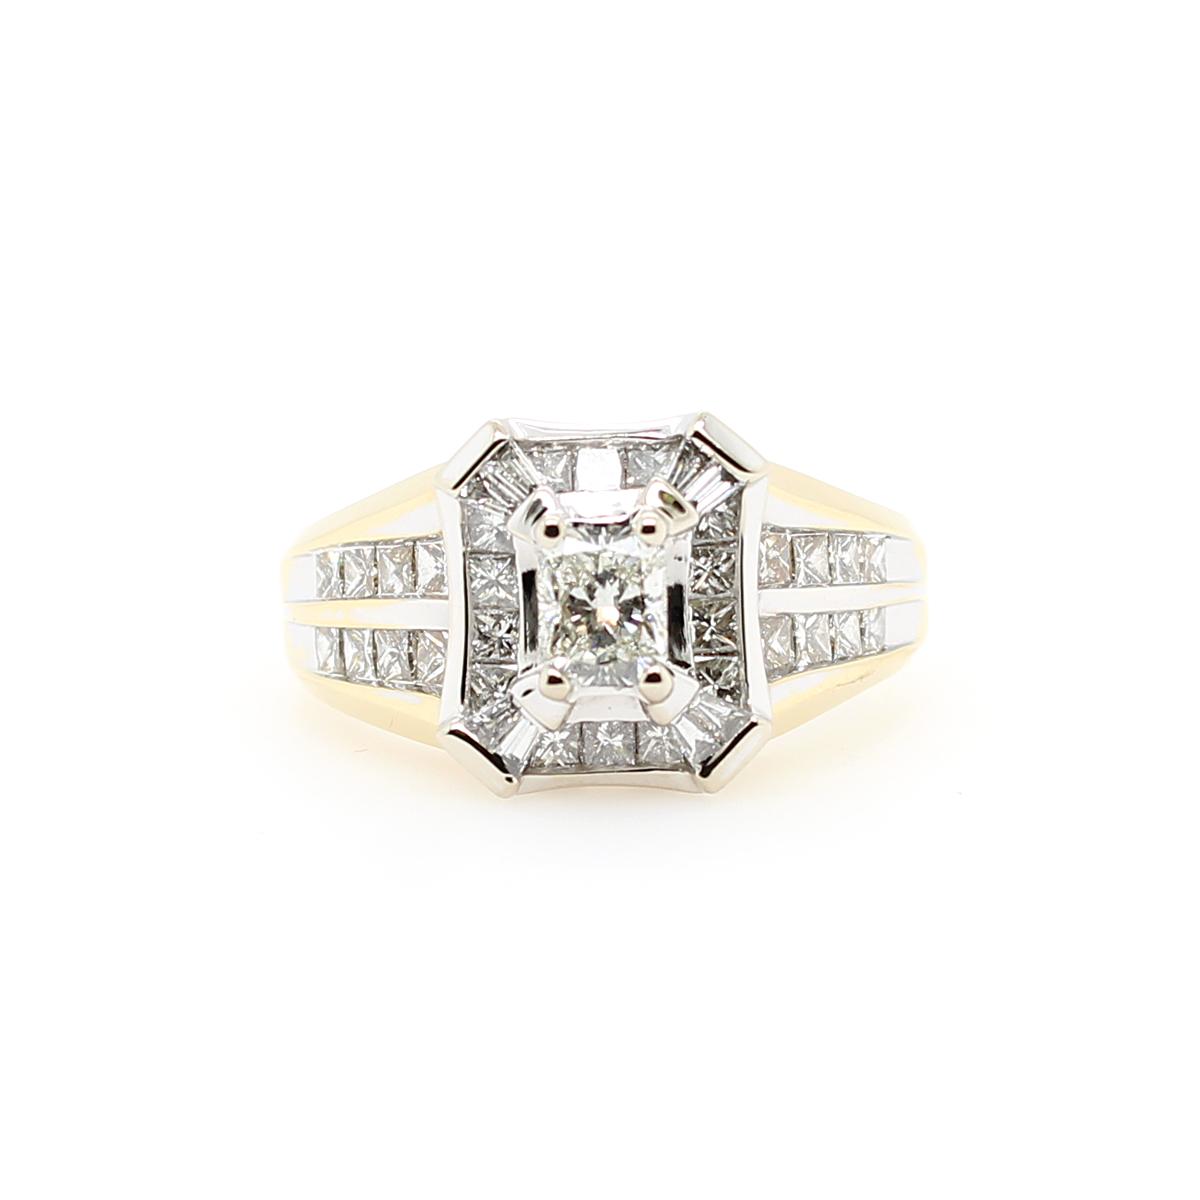 Vintage 18 Karat Yellow Gold Diamond Fashion Ring